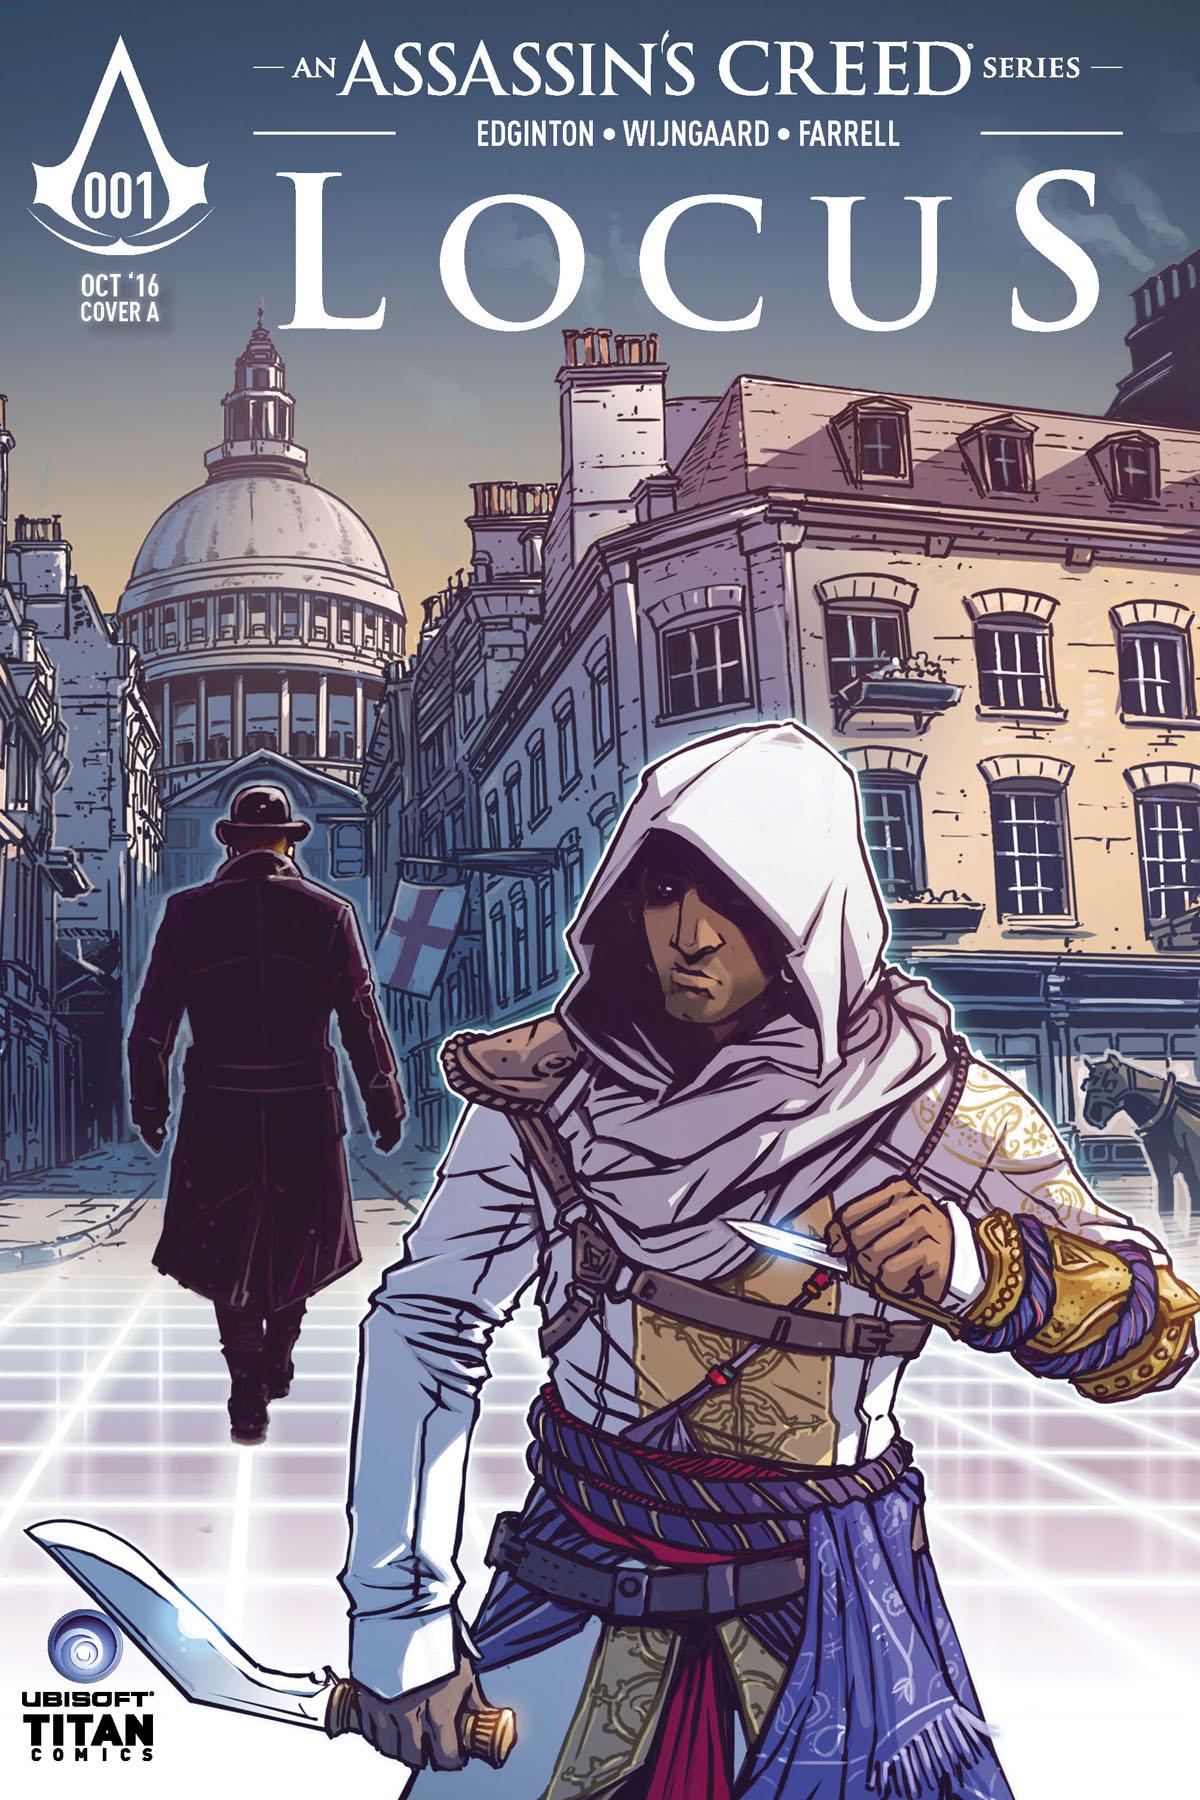 LOCUS 001 - COVER A